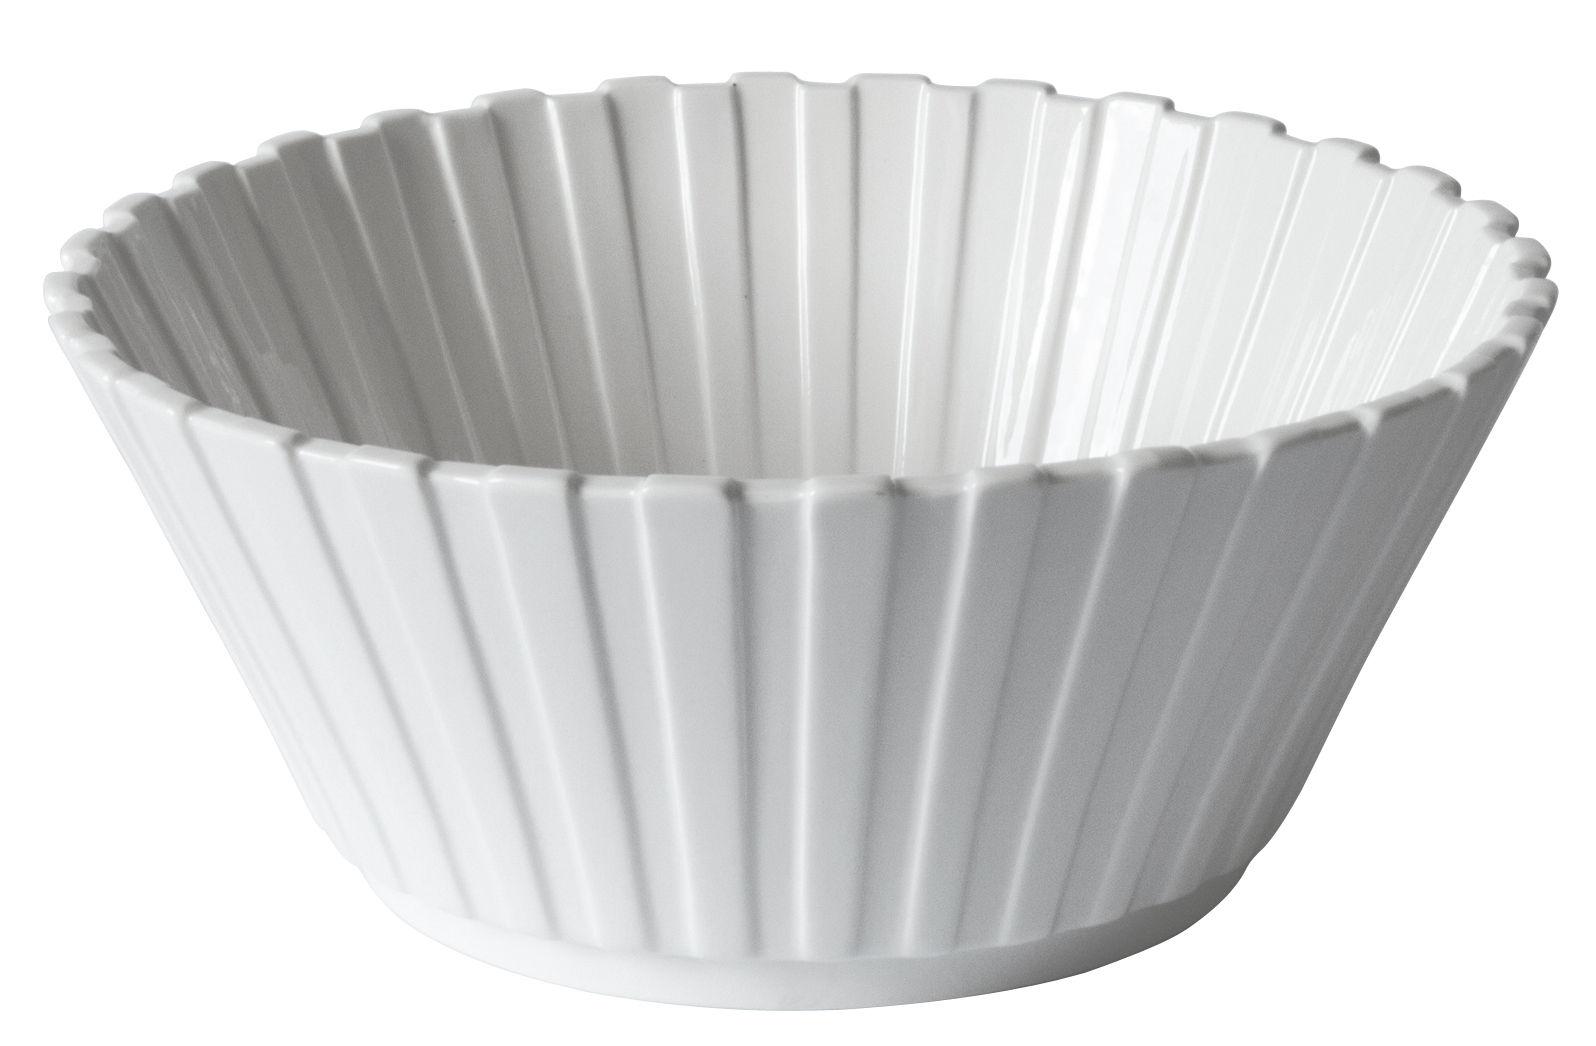 Arts de la table - Saladiers, coupes et bols - Saladier Machine Collection / Ø 28 cm - Diesel living with Seletti - Blanc - Porcelaine